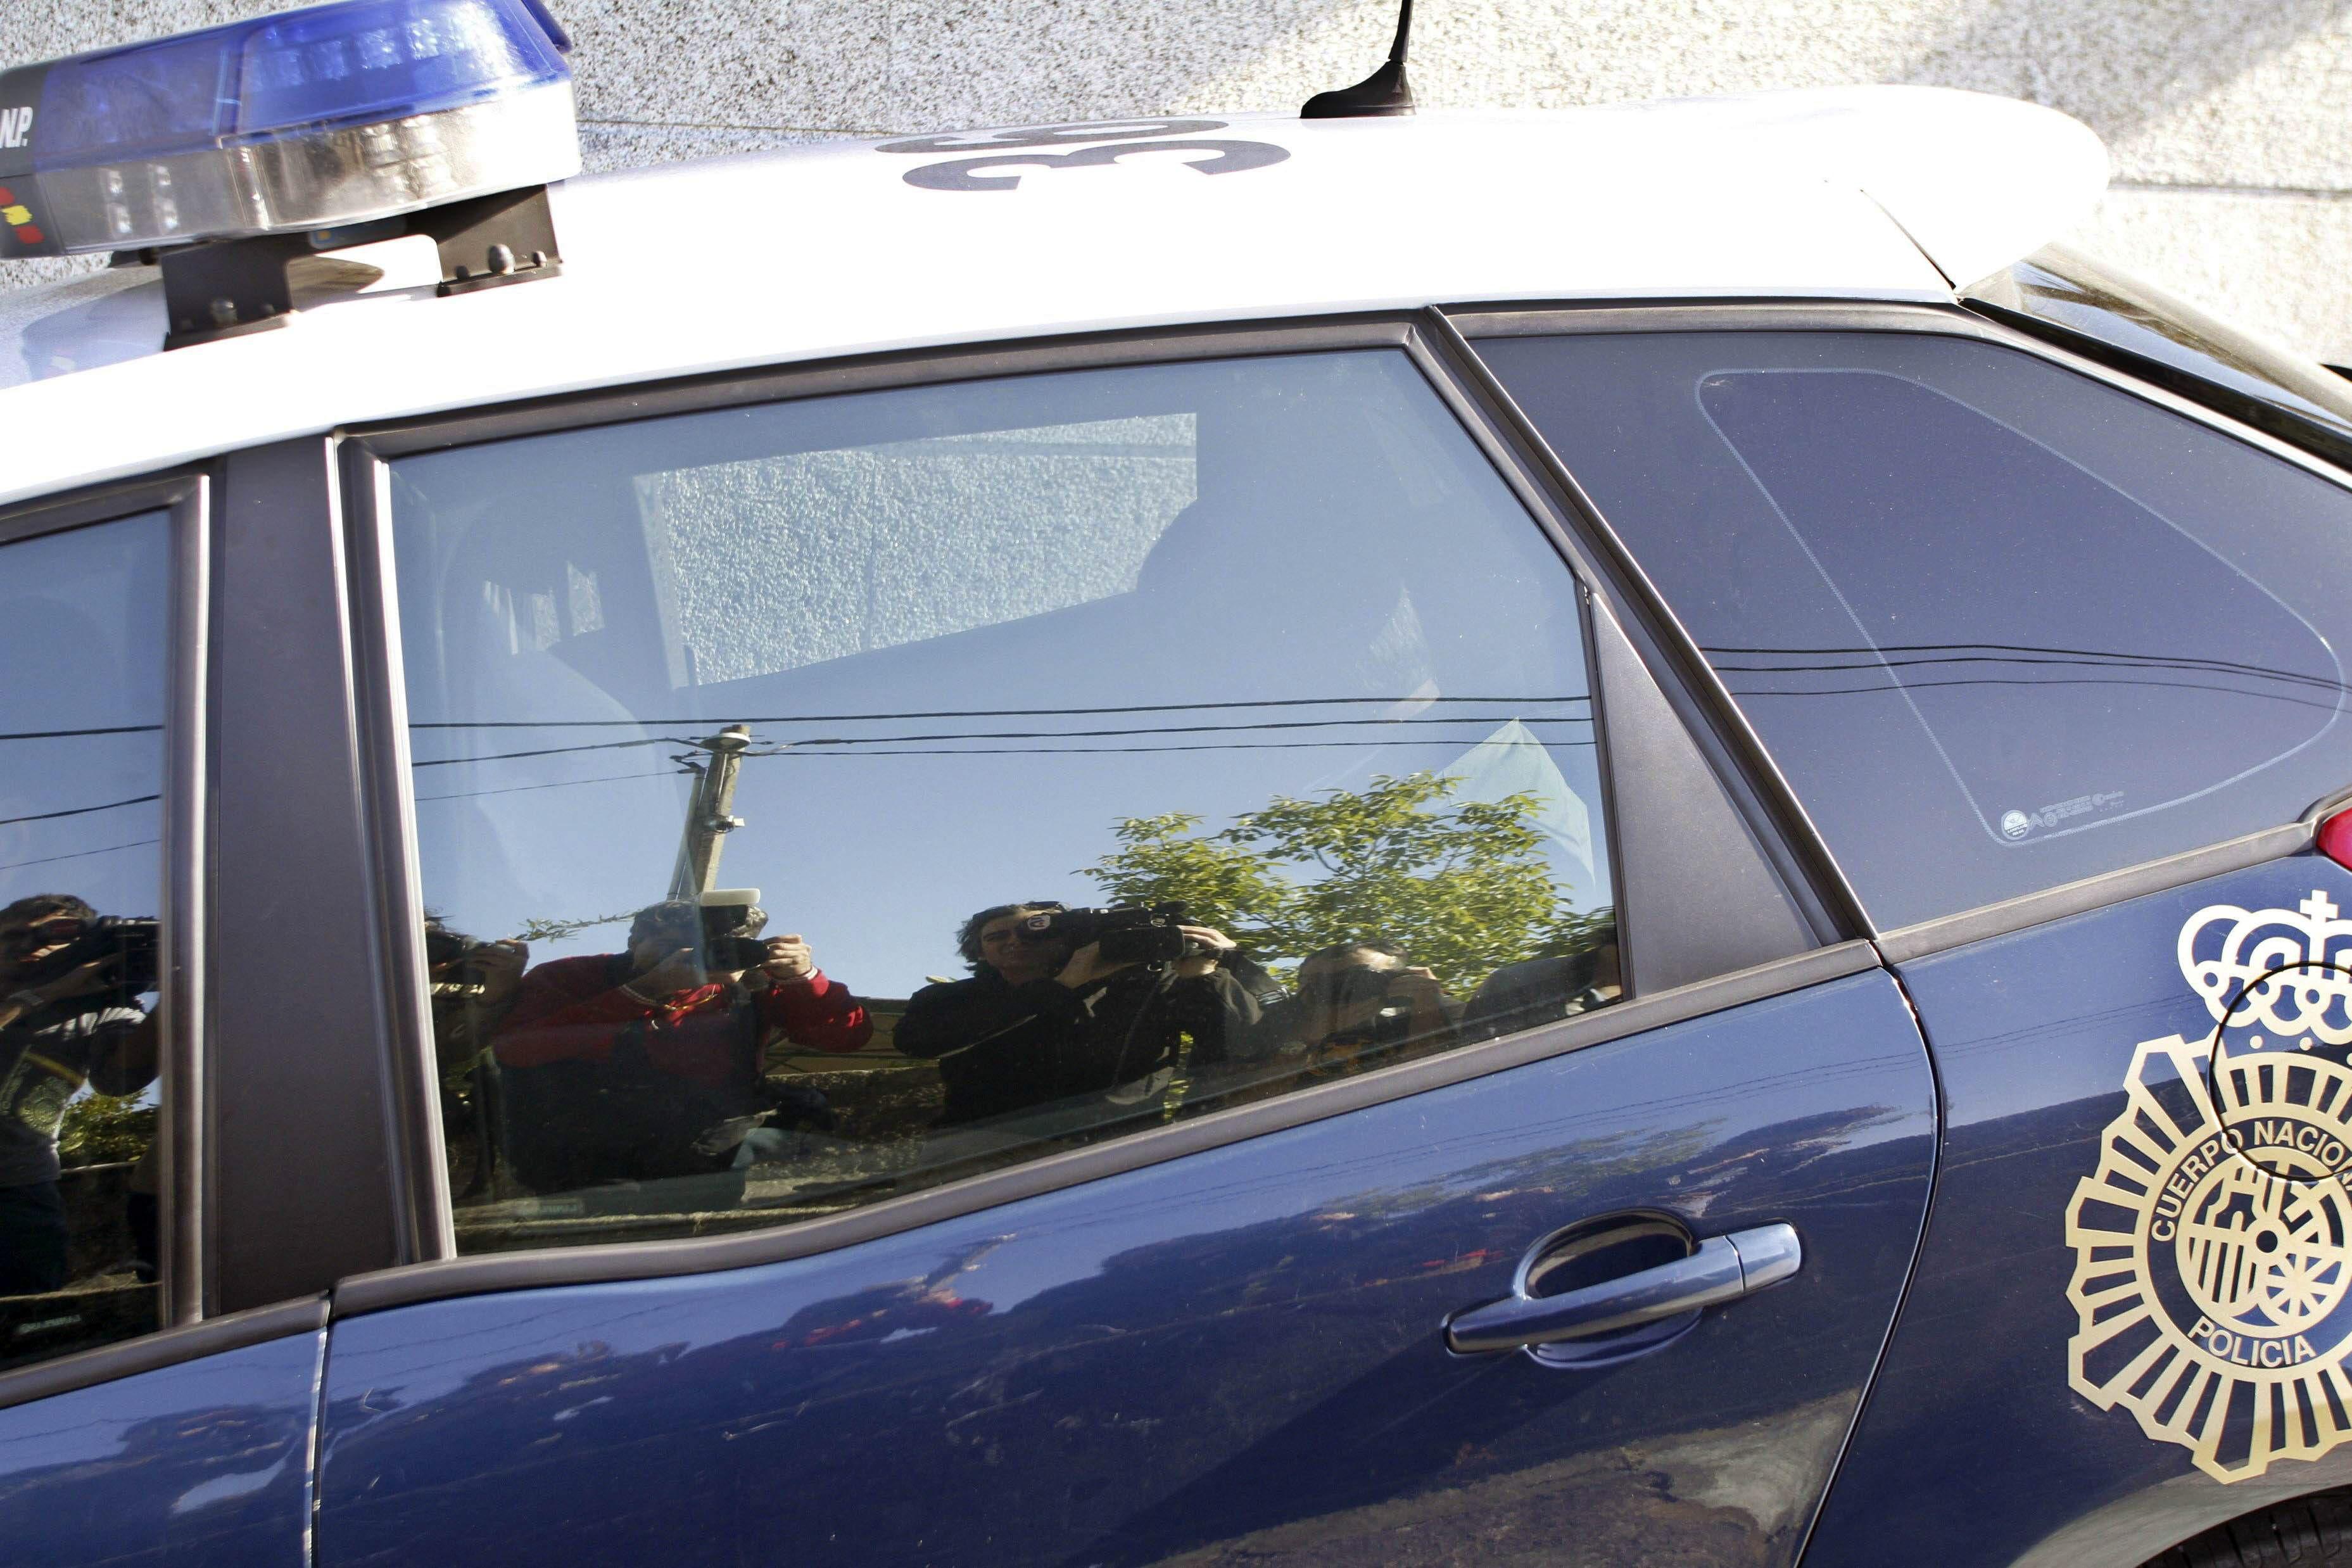 Un hombre y una mujer mueren tras ser tiroteados por un hermano de ambos en Gran Canaria